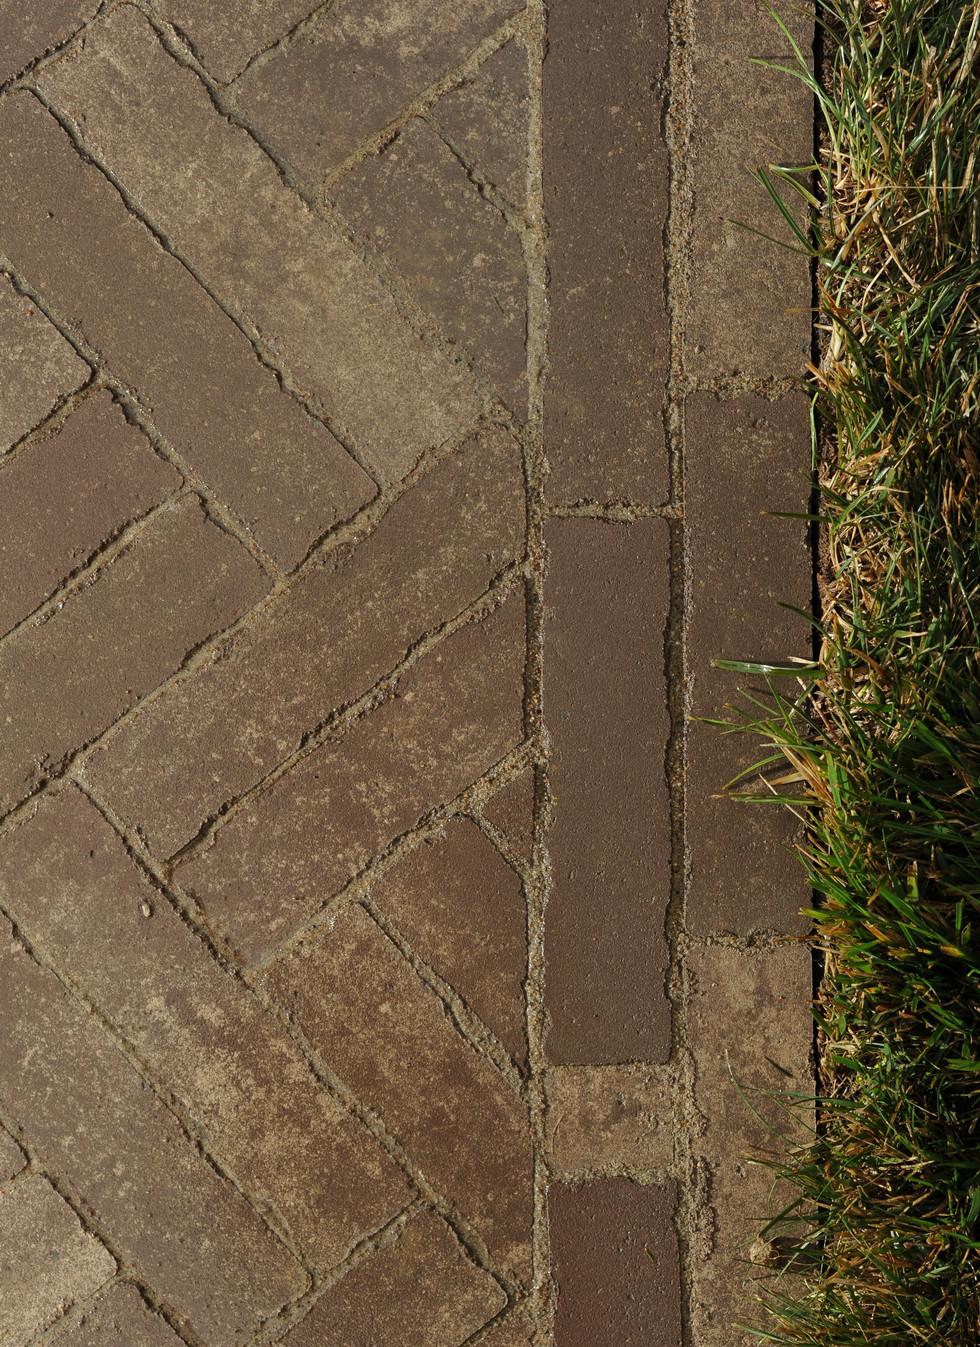 Sorensen.pathway.TIMSNYDERPHOTO2019-20.j